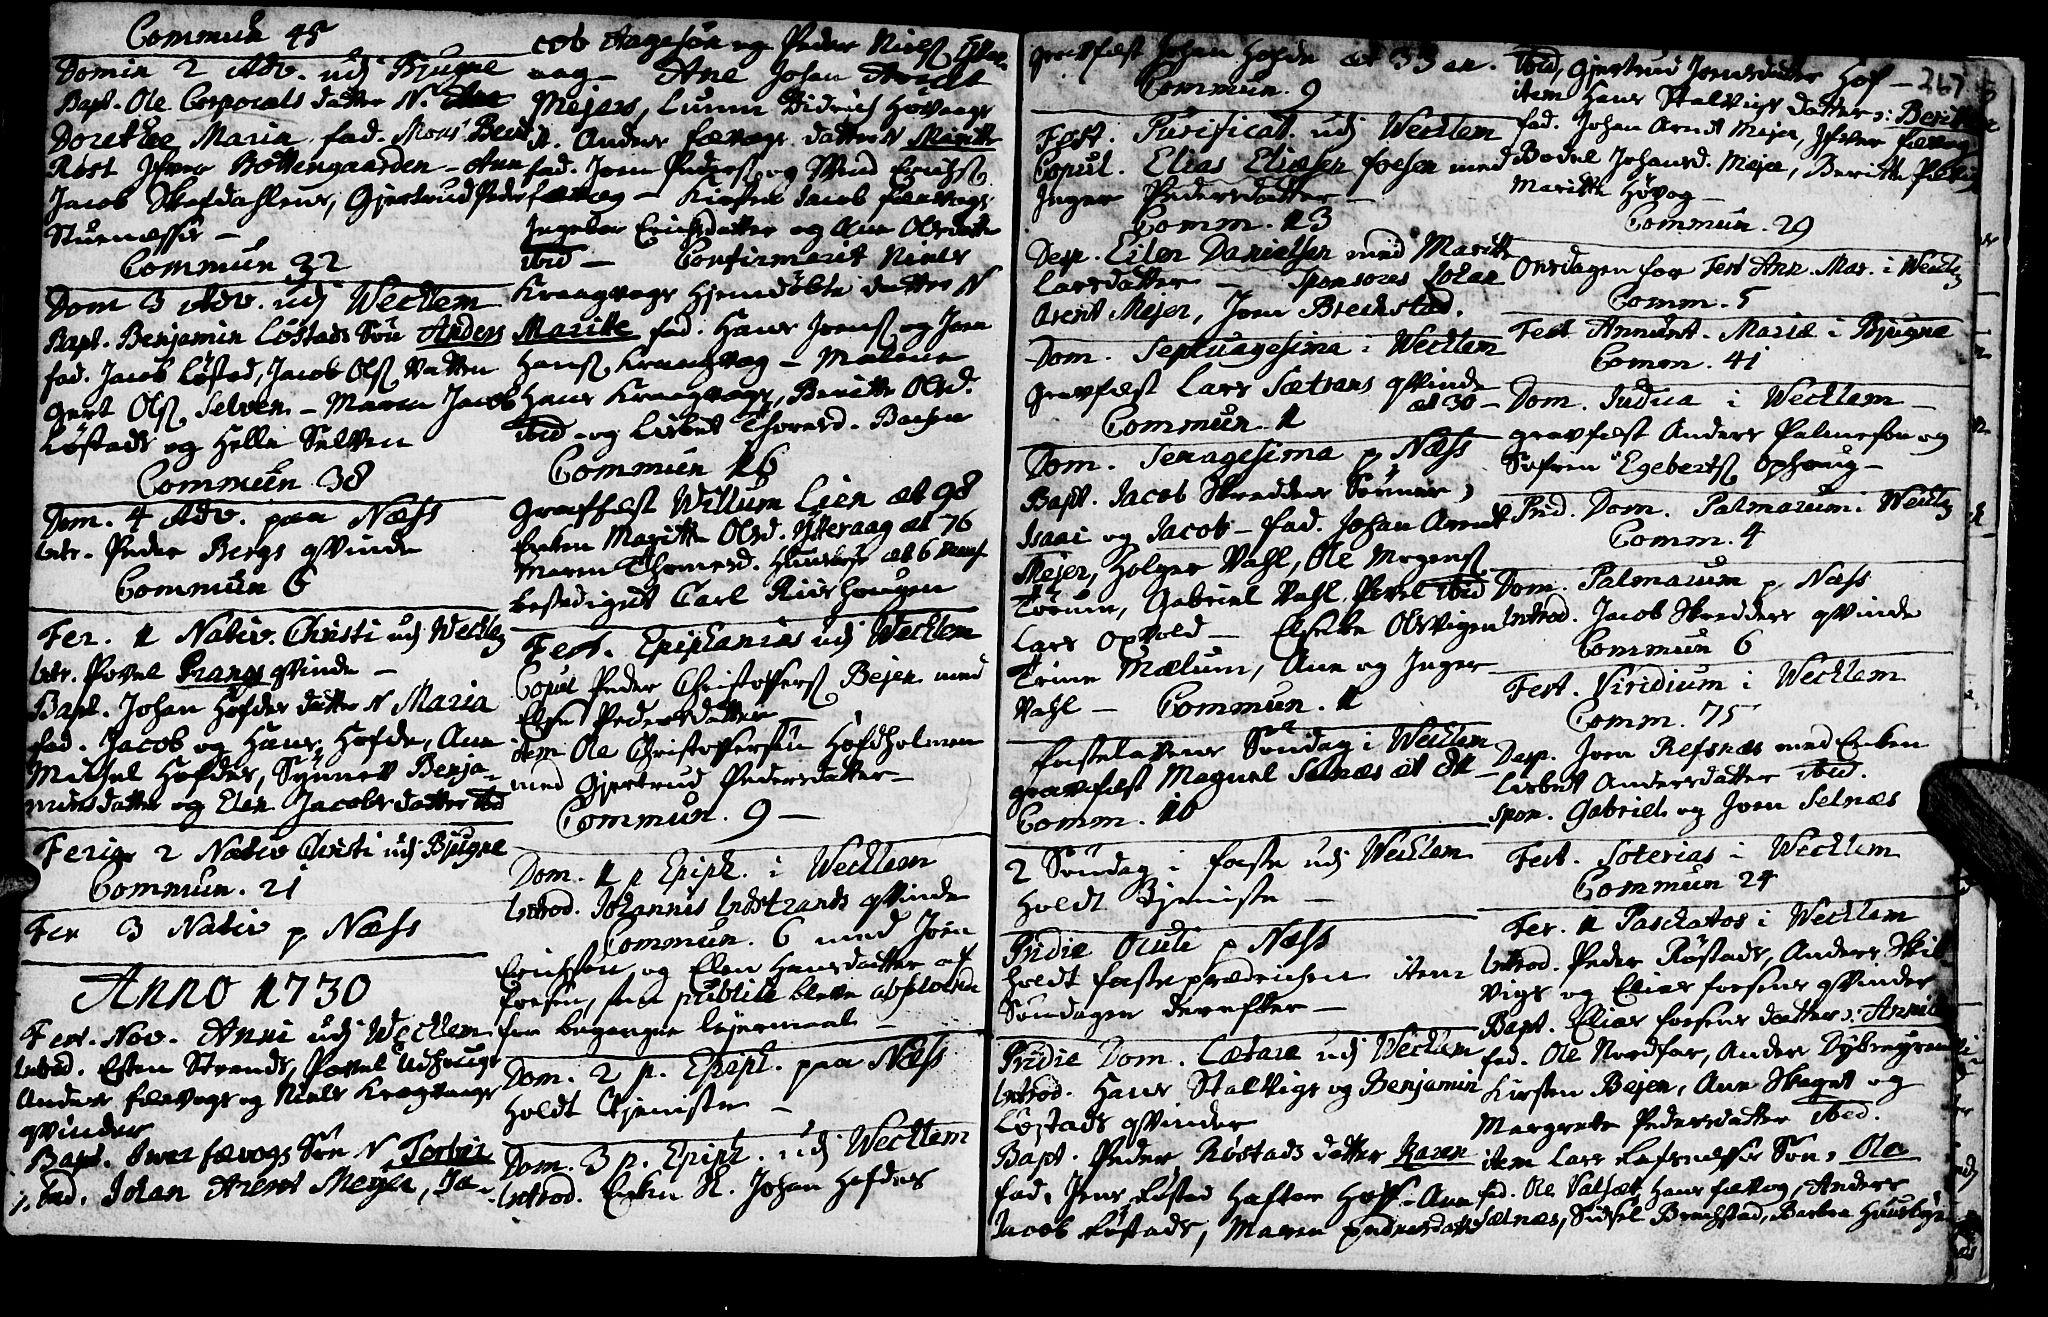 SAT, Ministerialprotokoller, klokkerbøker og fødselsregistre - Sør-Trøndelag, 659/L0731: Ministerialbok nr. 659A01, 1709-1731, s. 266-267